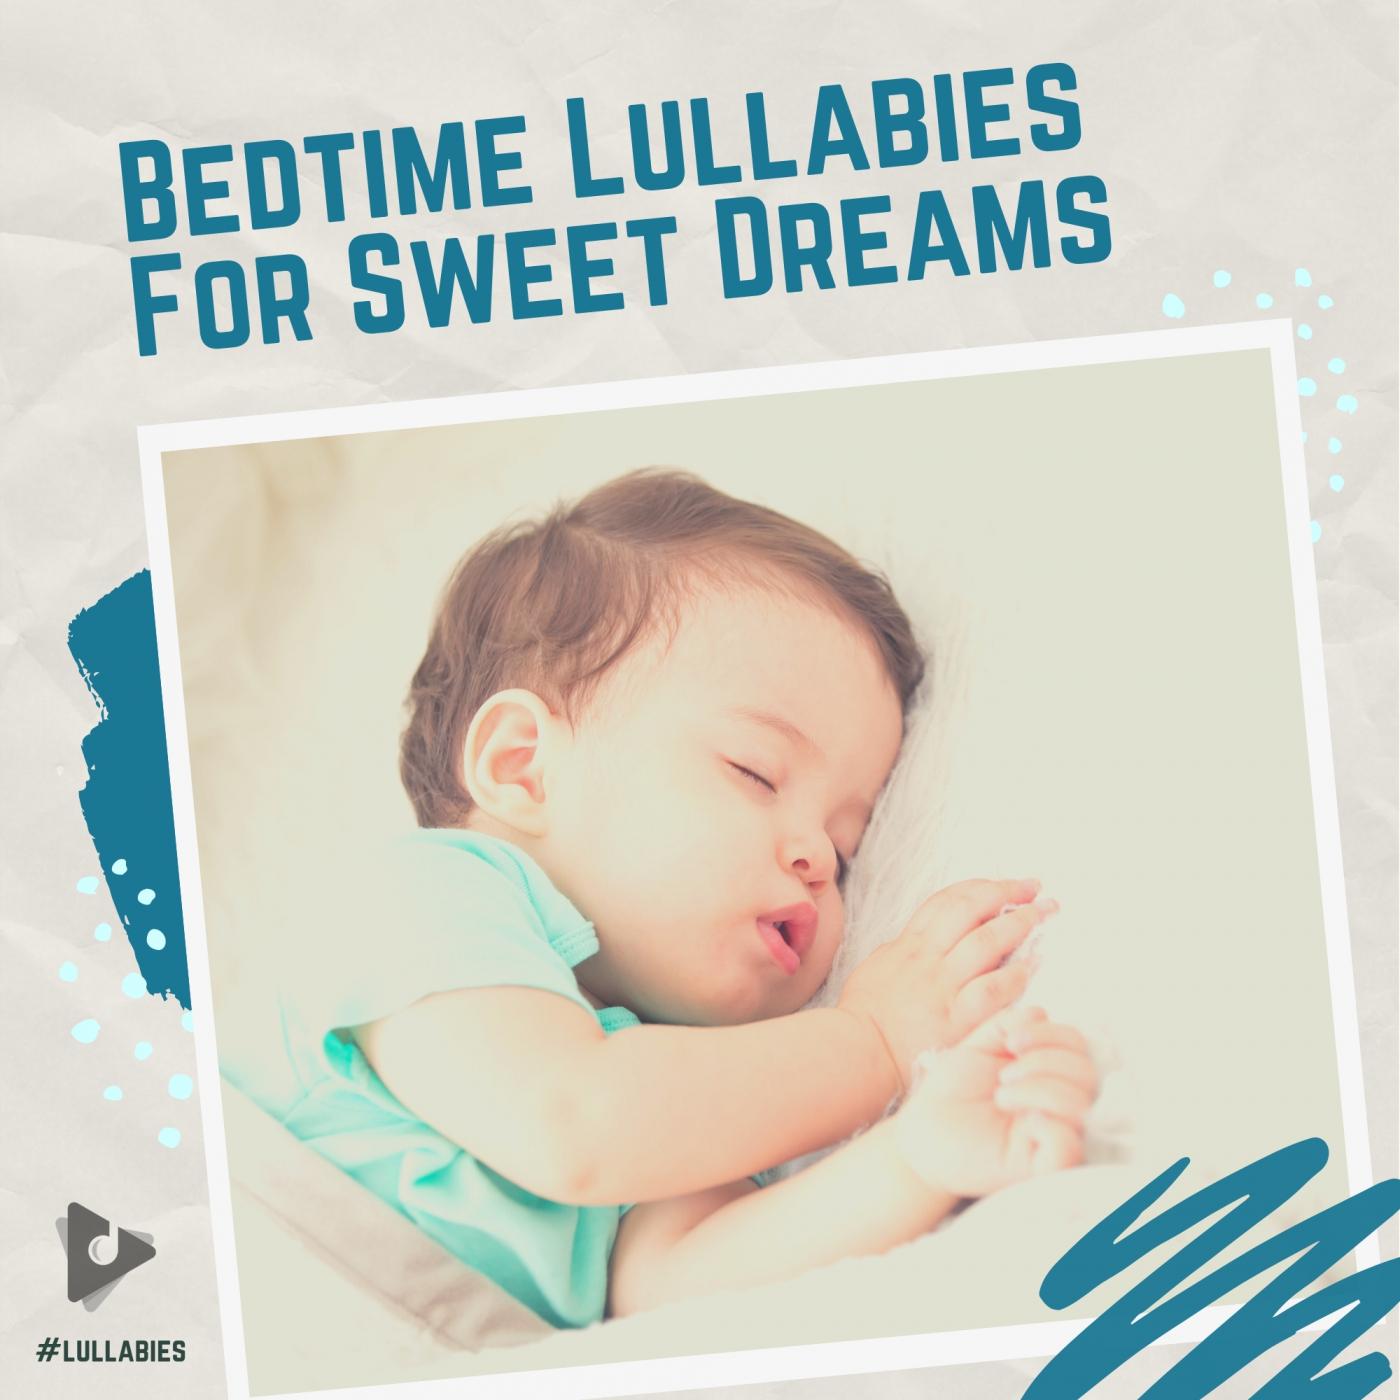 Bedtime Lullabies For Sweet Dreams